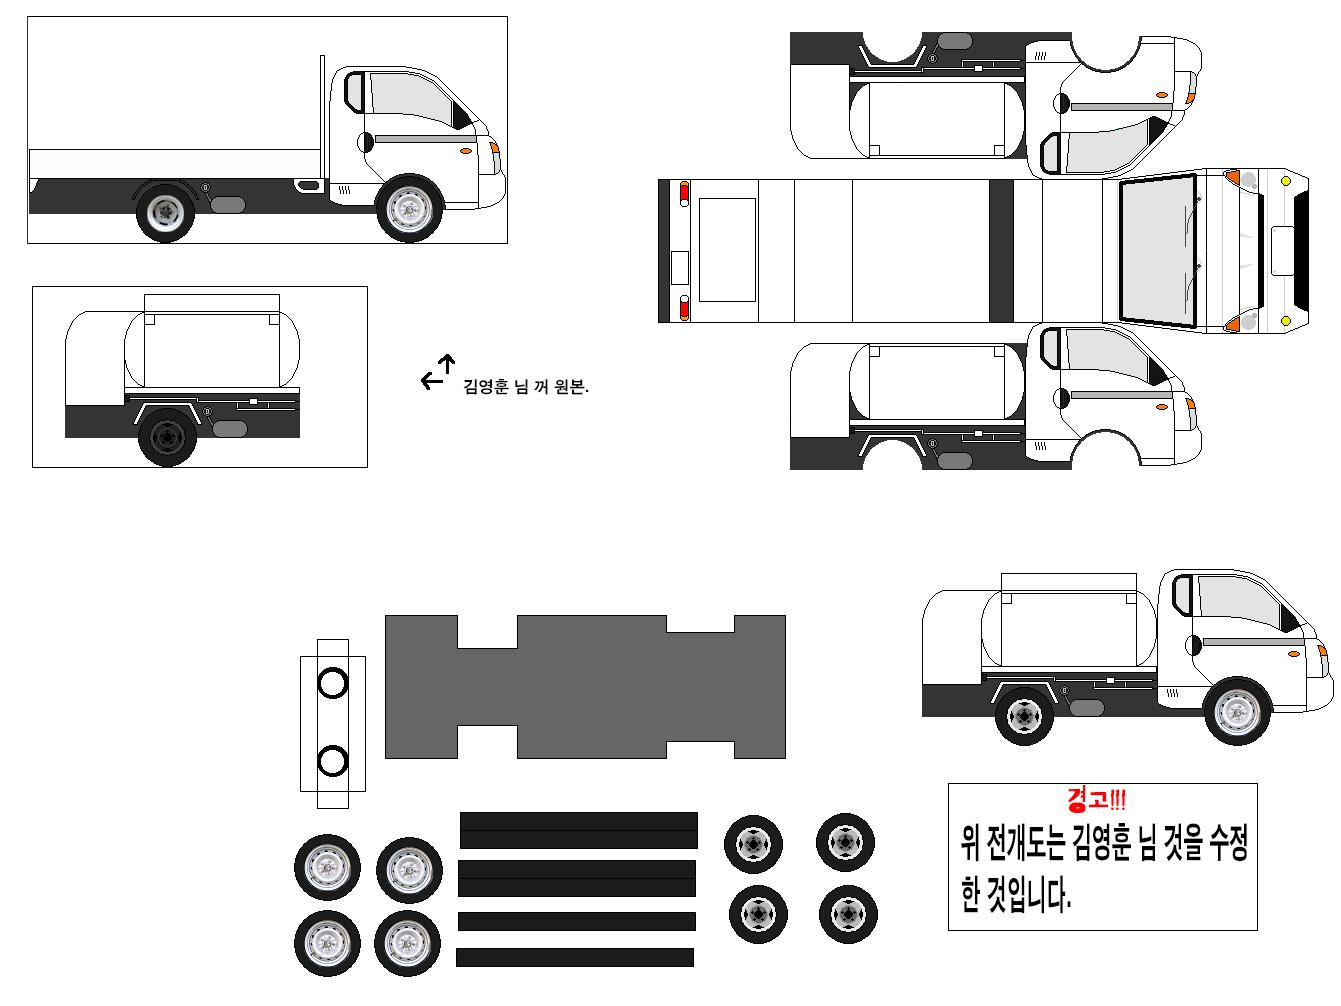 현대 포터2 초장축 슈퍼캐빈 카고트럭 유조차(2004_) 수정...3.jpg